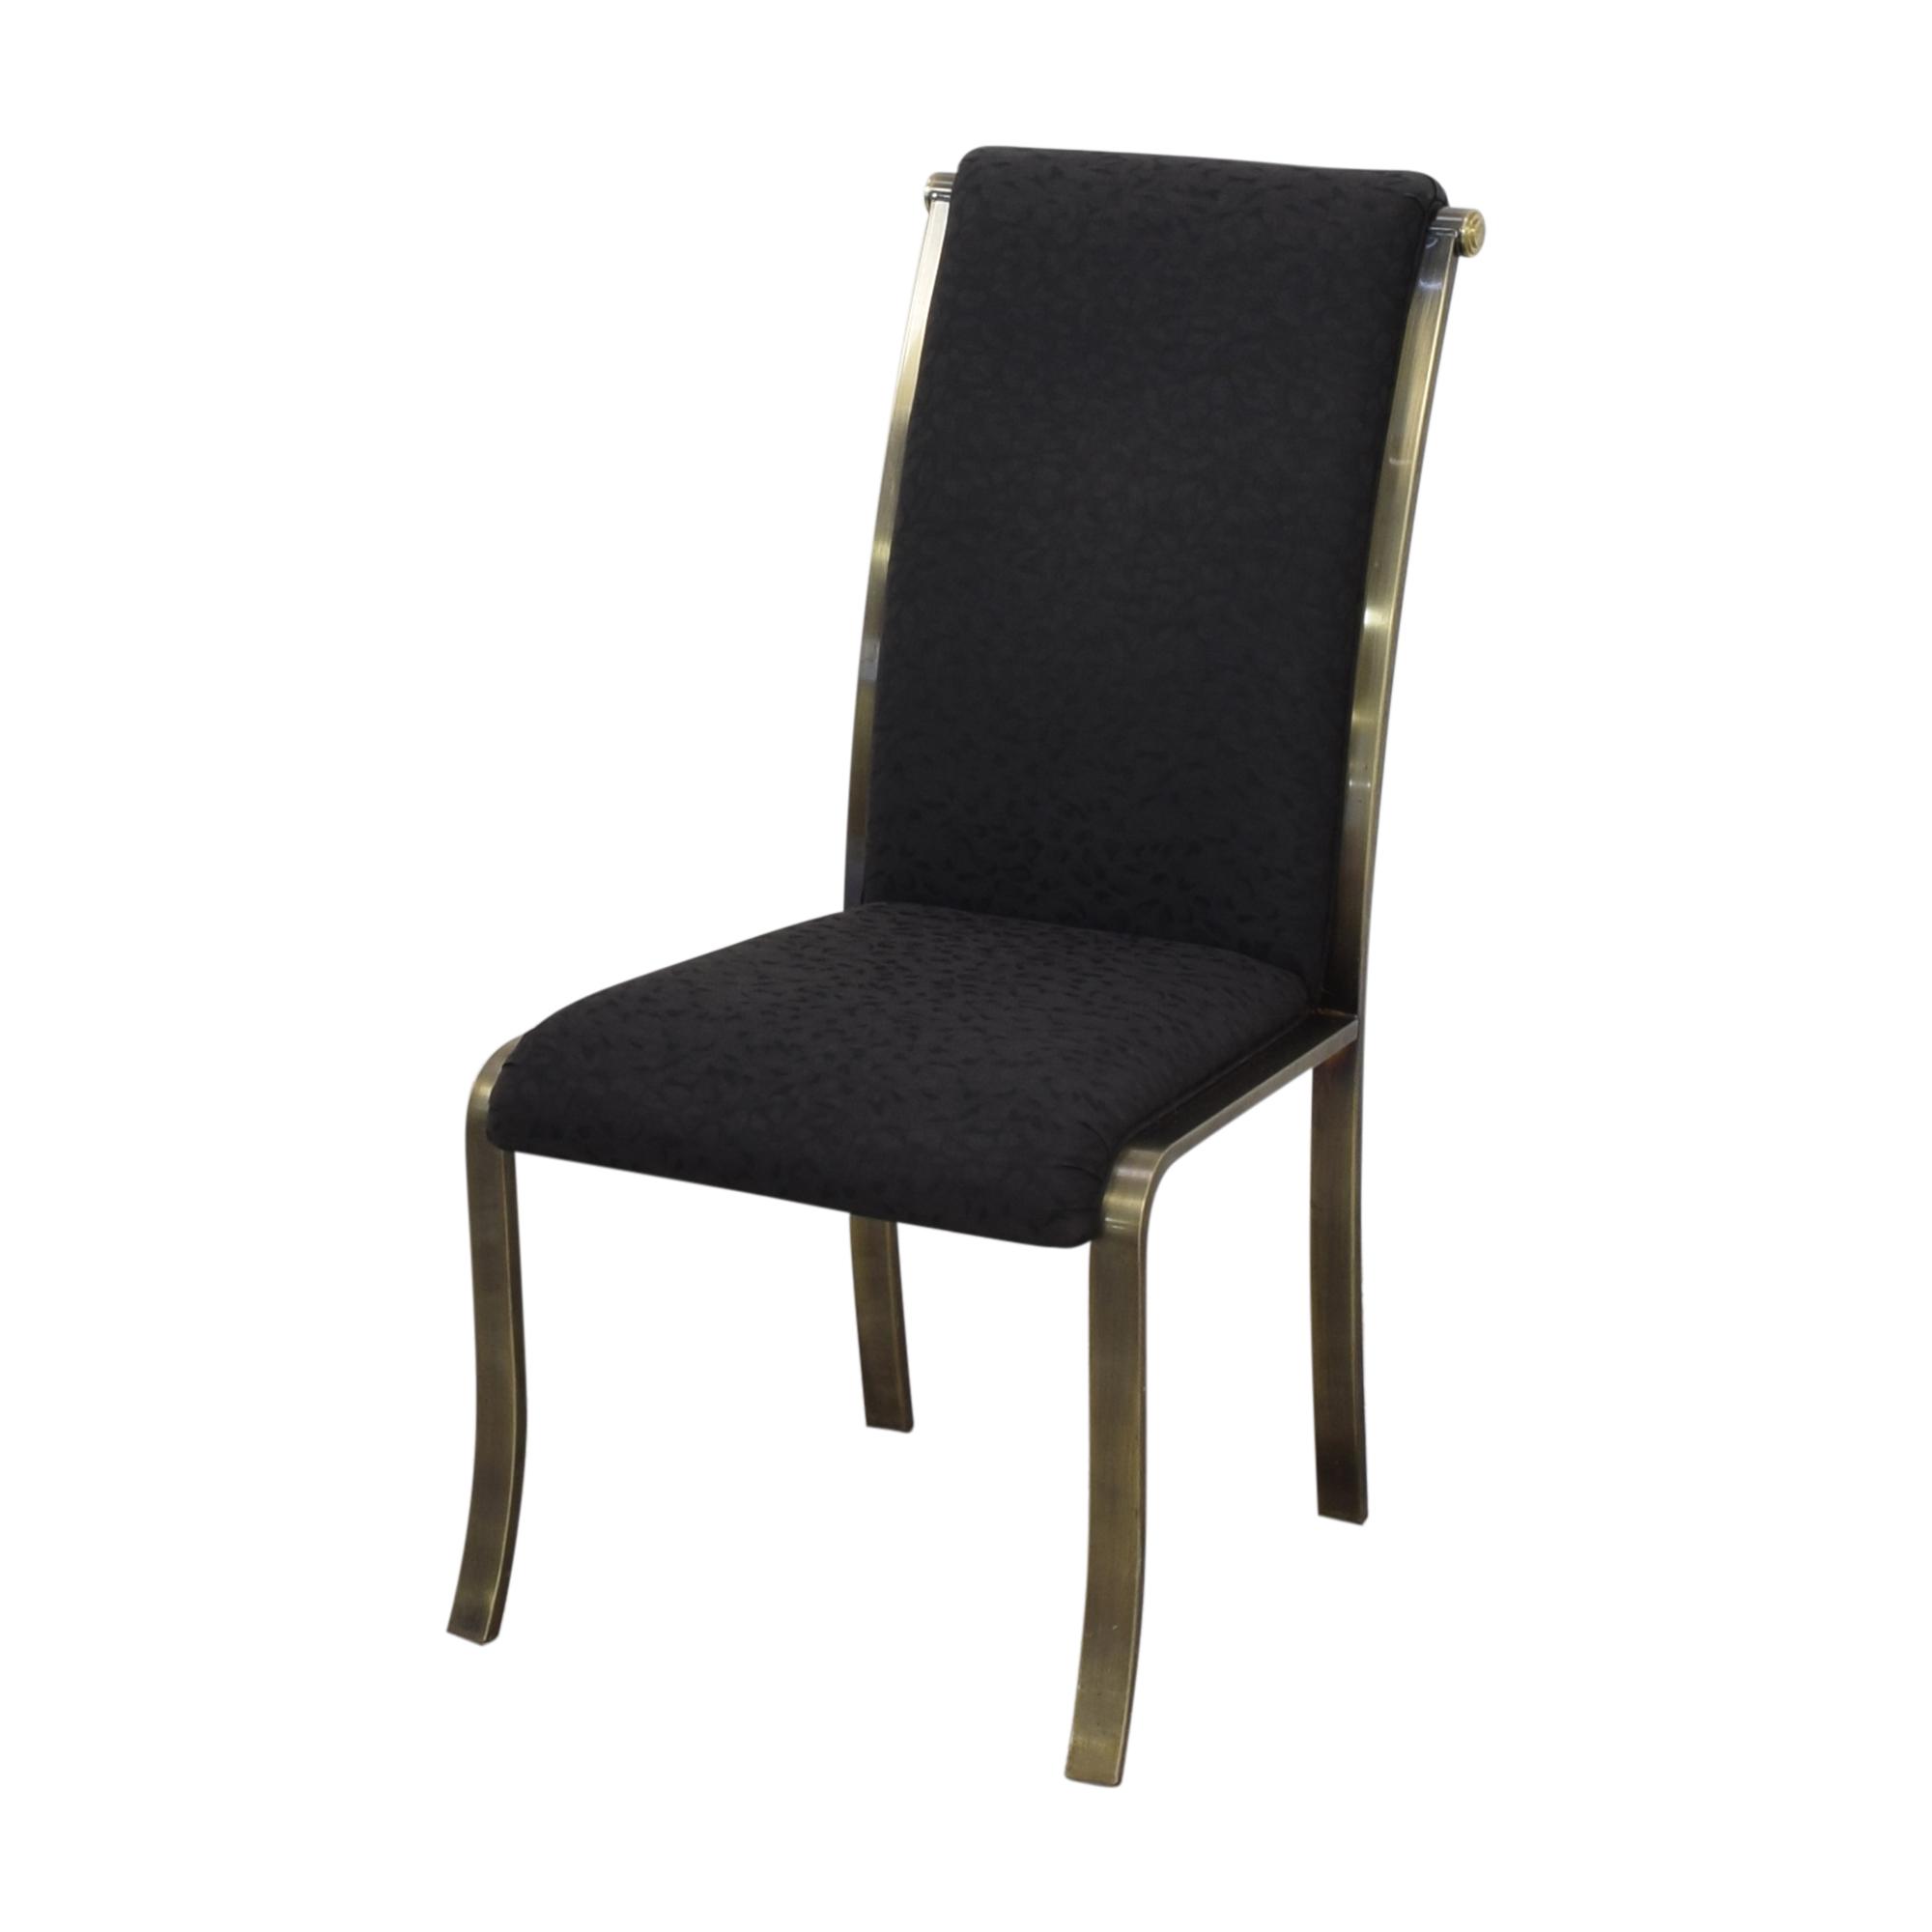 shop Design Institute America Design Institute America High Back Dining Chairs online